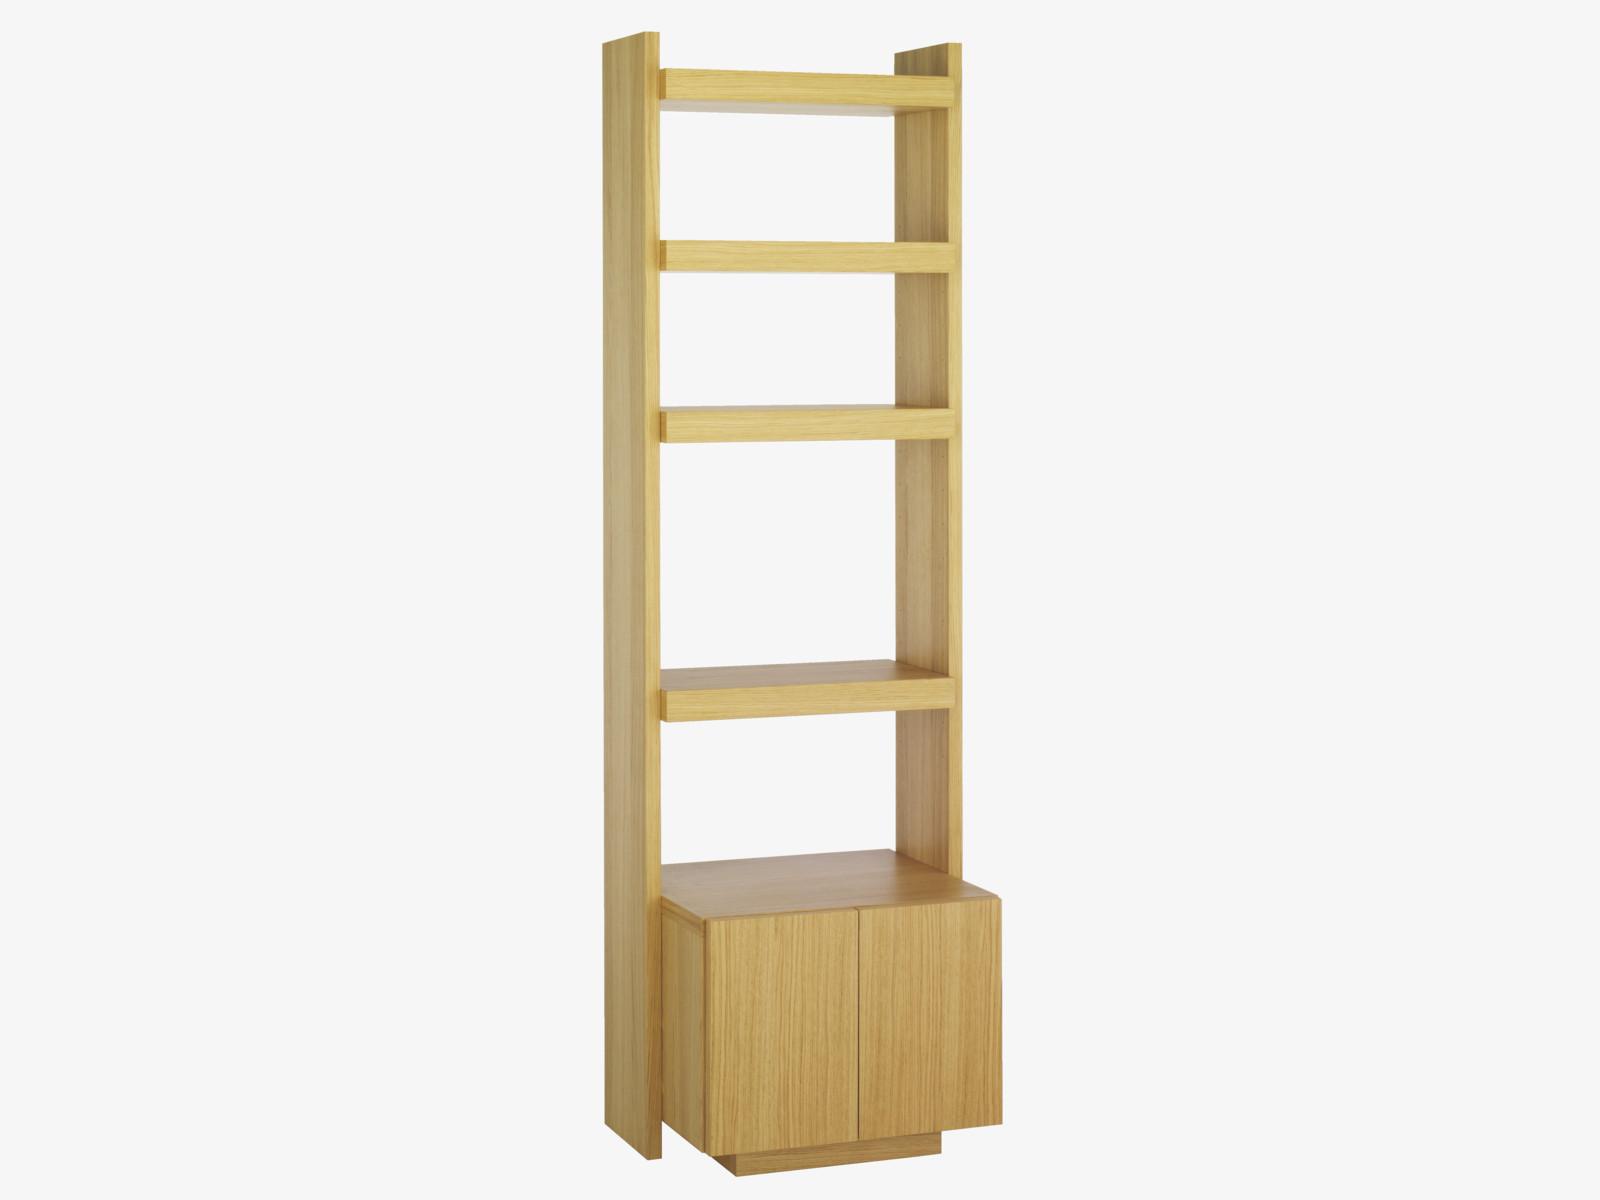 narrow storage shelves 28 images ladder shelving. Black Bedroom Furniture Sets. Home Design Ideas